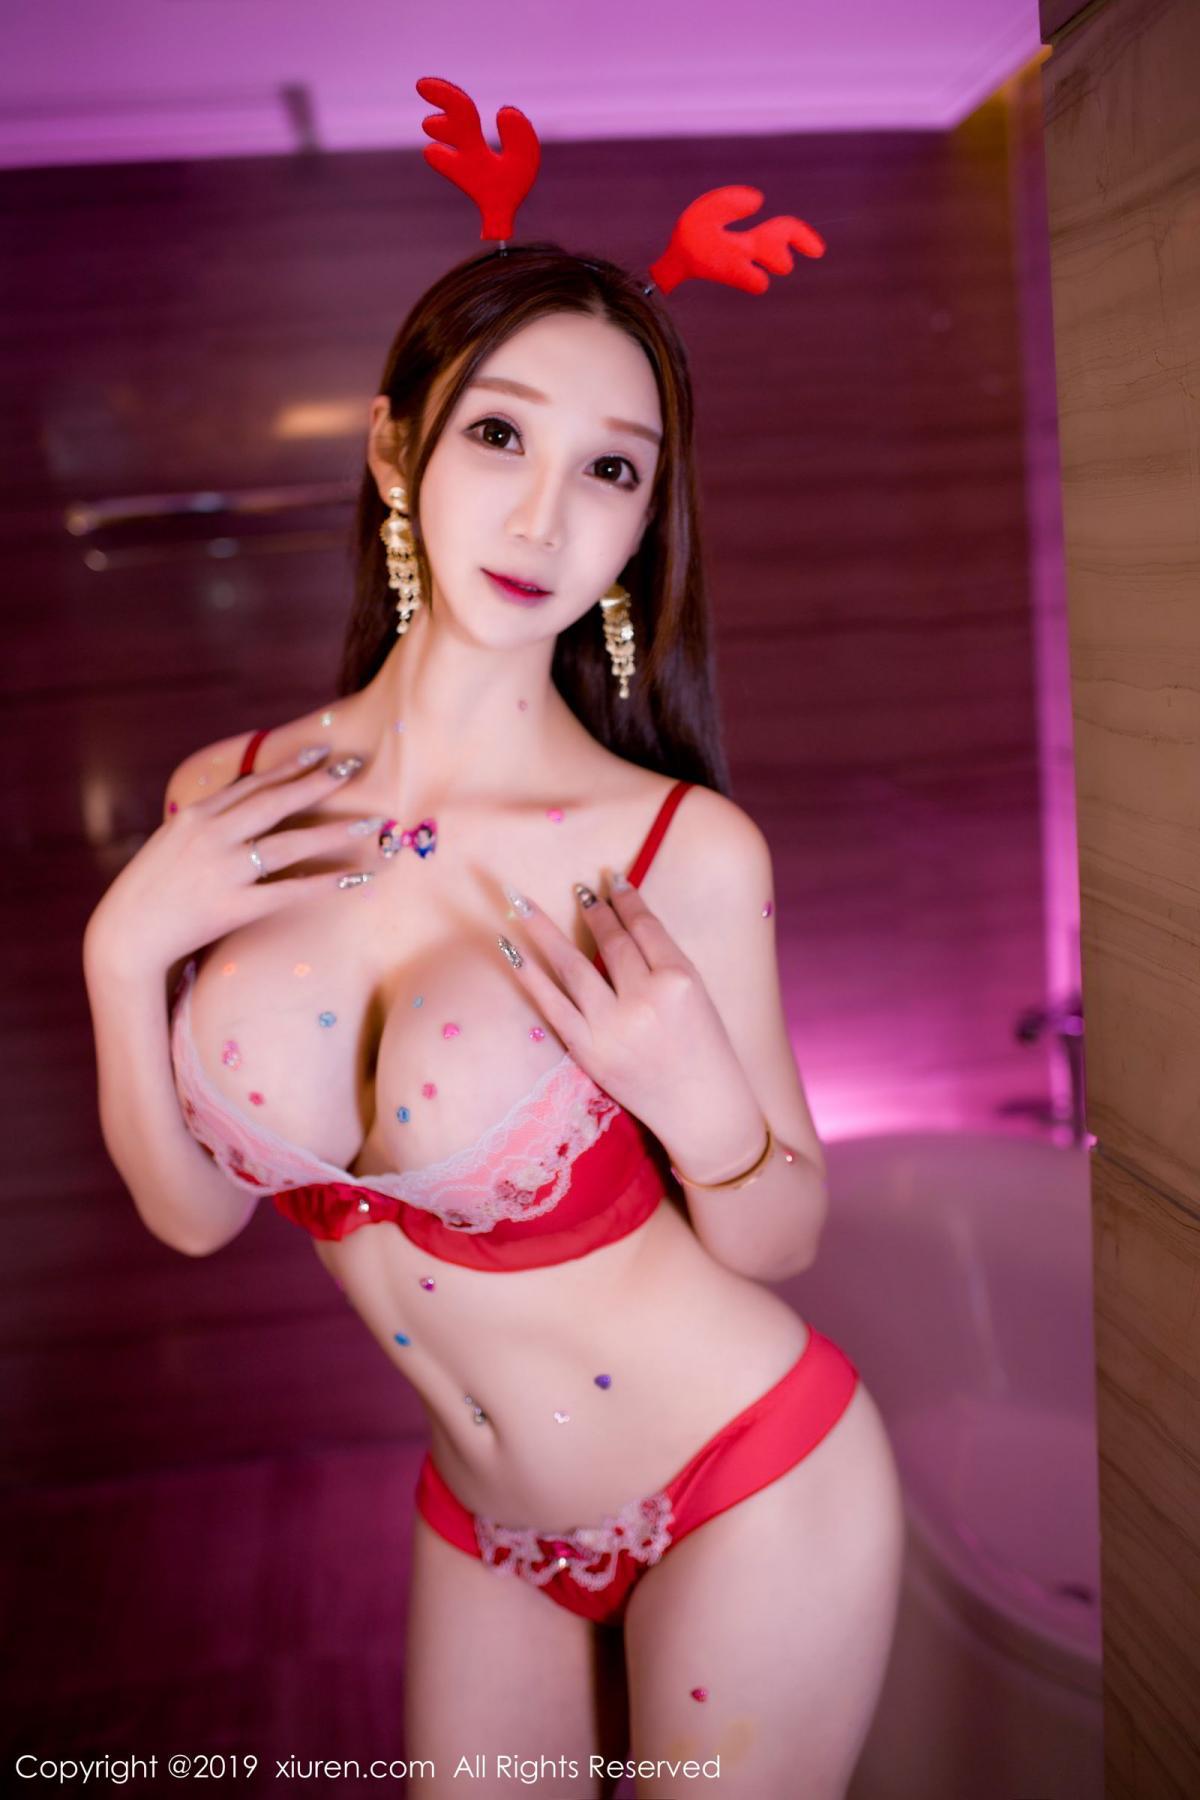 [XiuRen] Vol.1506 Li Mi Er 29P, Li Mi Er, Underwear, Xiuren